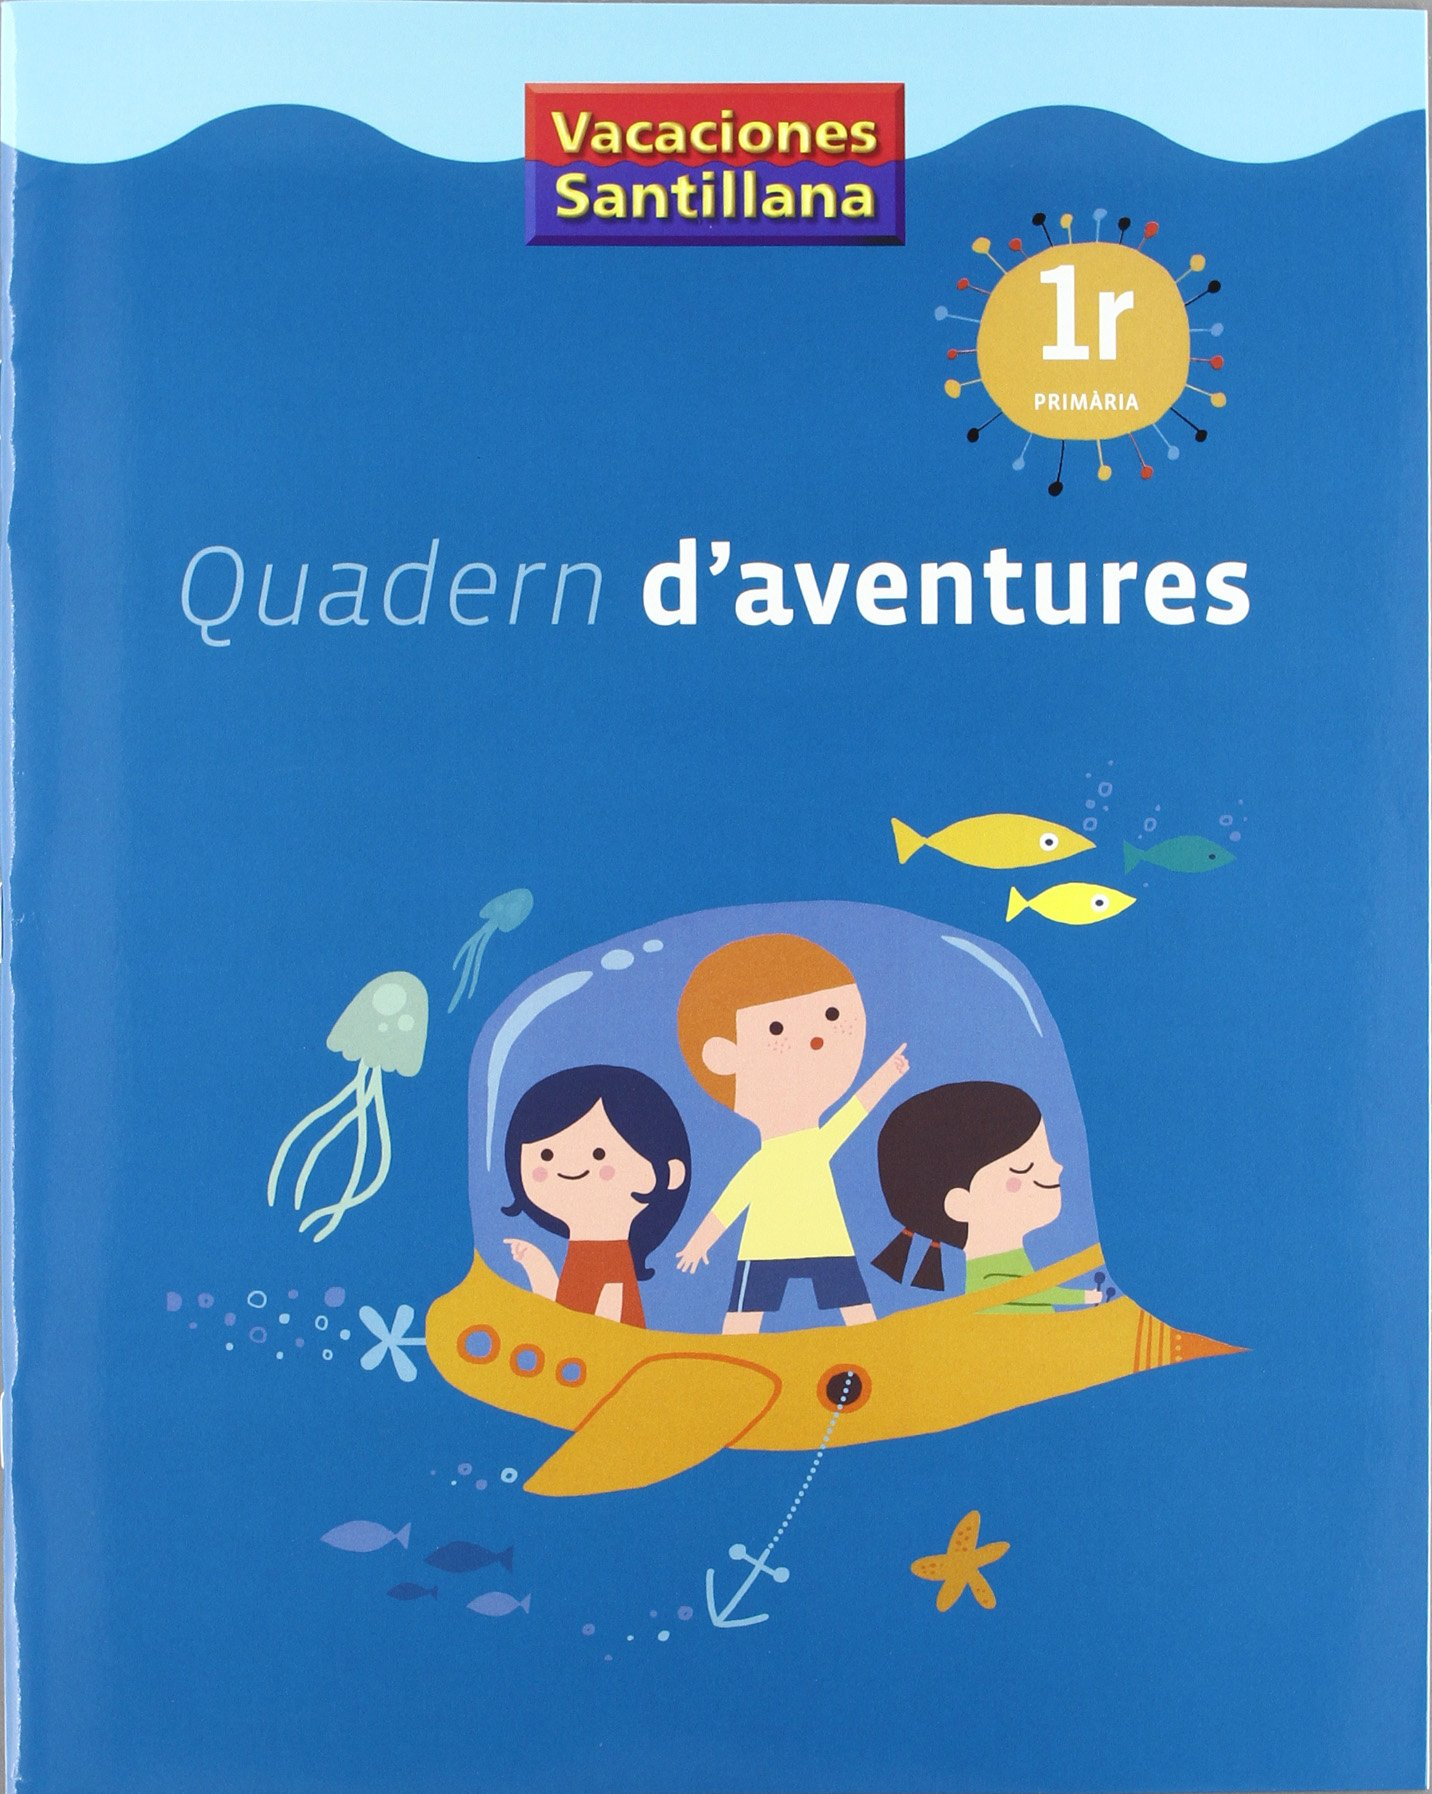 Primària - 1PRI Vacances Repàs General Catalá Catalán - 9788415435662:  Amazon.es: UNKNOWN: Libros